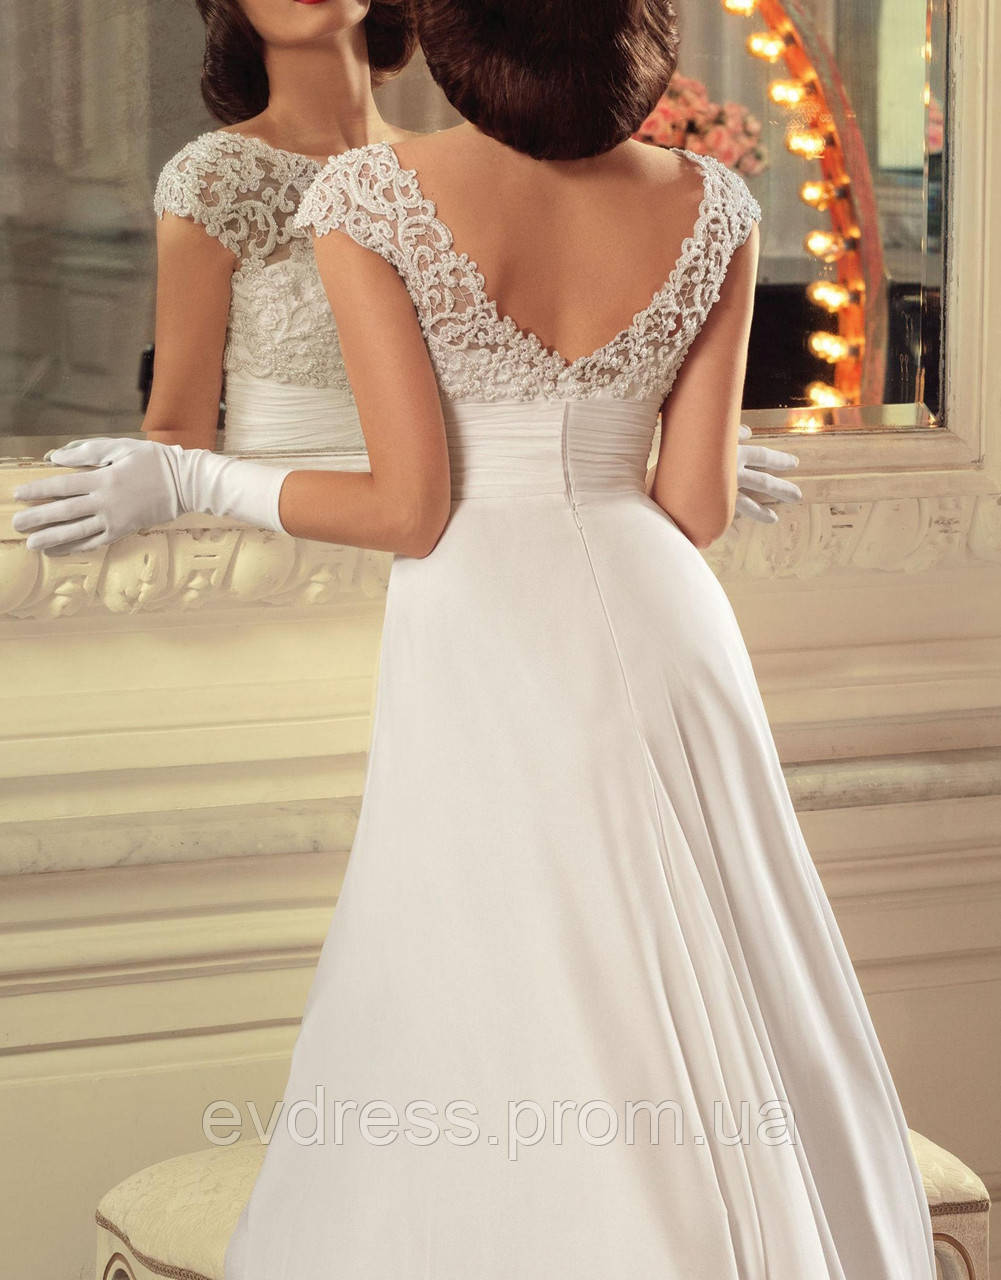 793e6df3e91 Красивое длинное свадебное платье А-силуэта с кружевным верхом СВ-91466 -  Интернет-